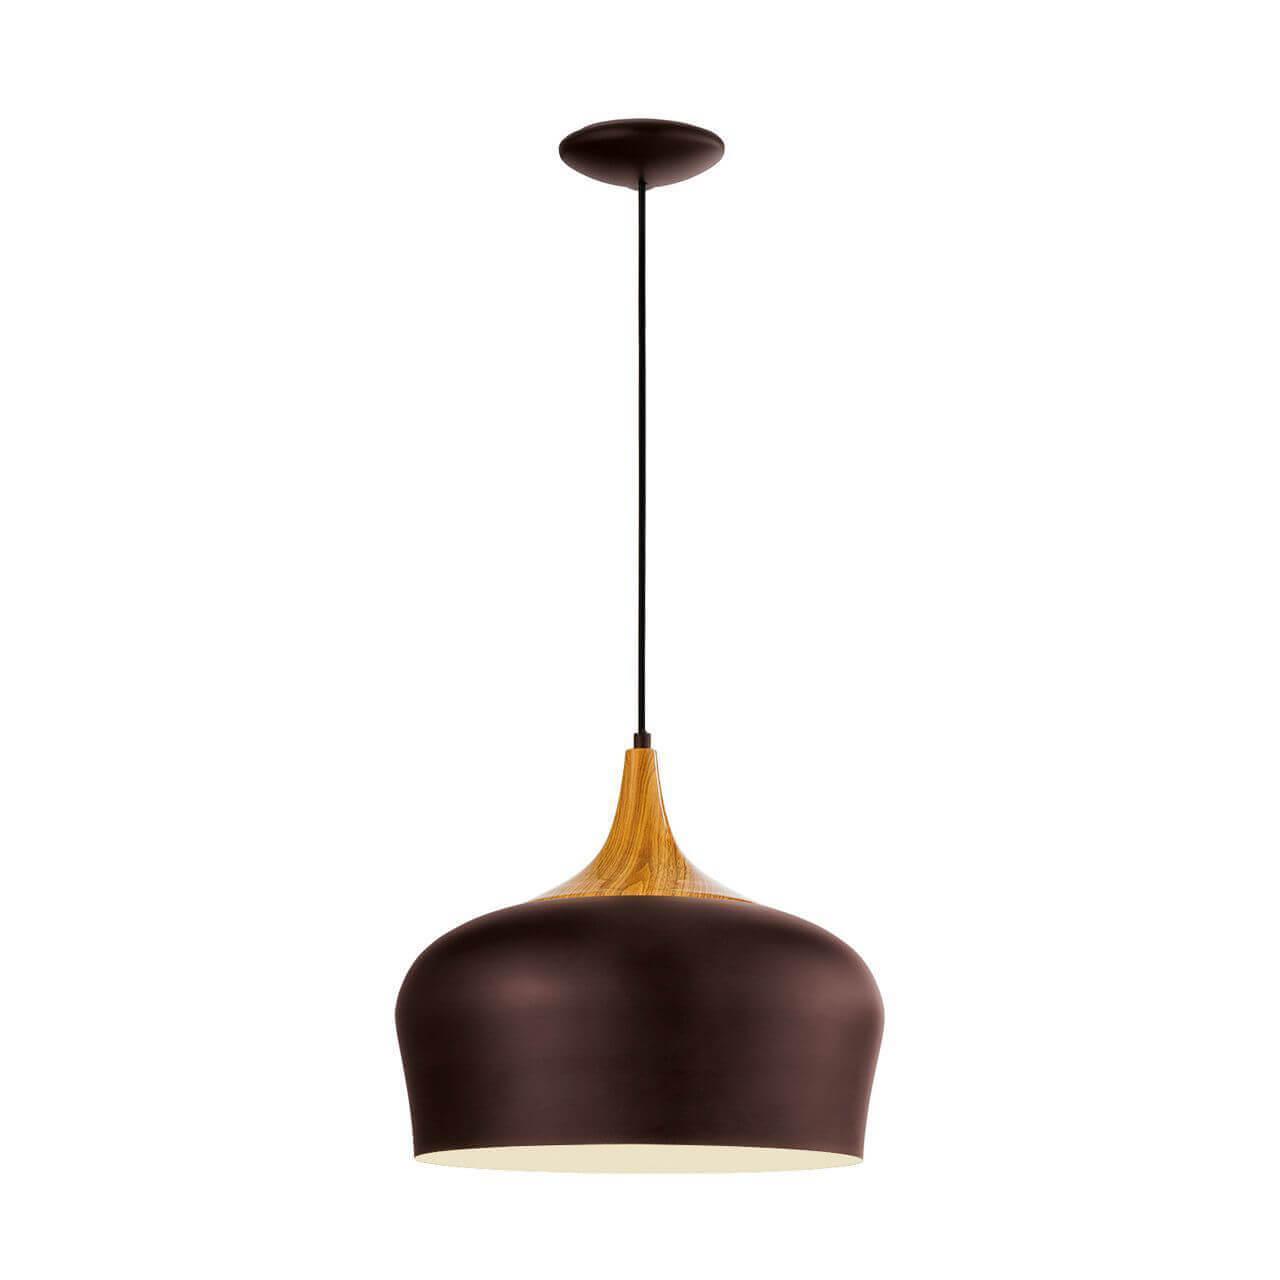 Светильник Eglo 95385 Obregon светильник eglo obregon 95384 e27 60 вт